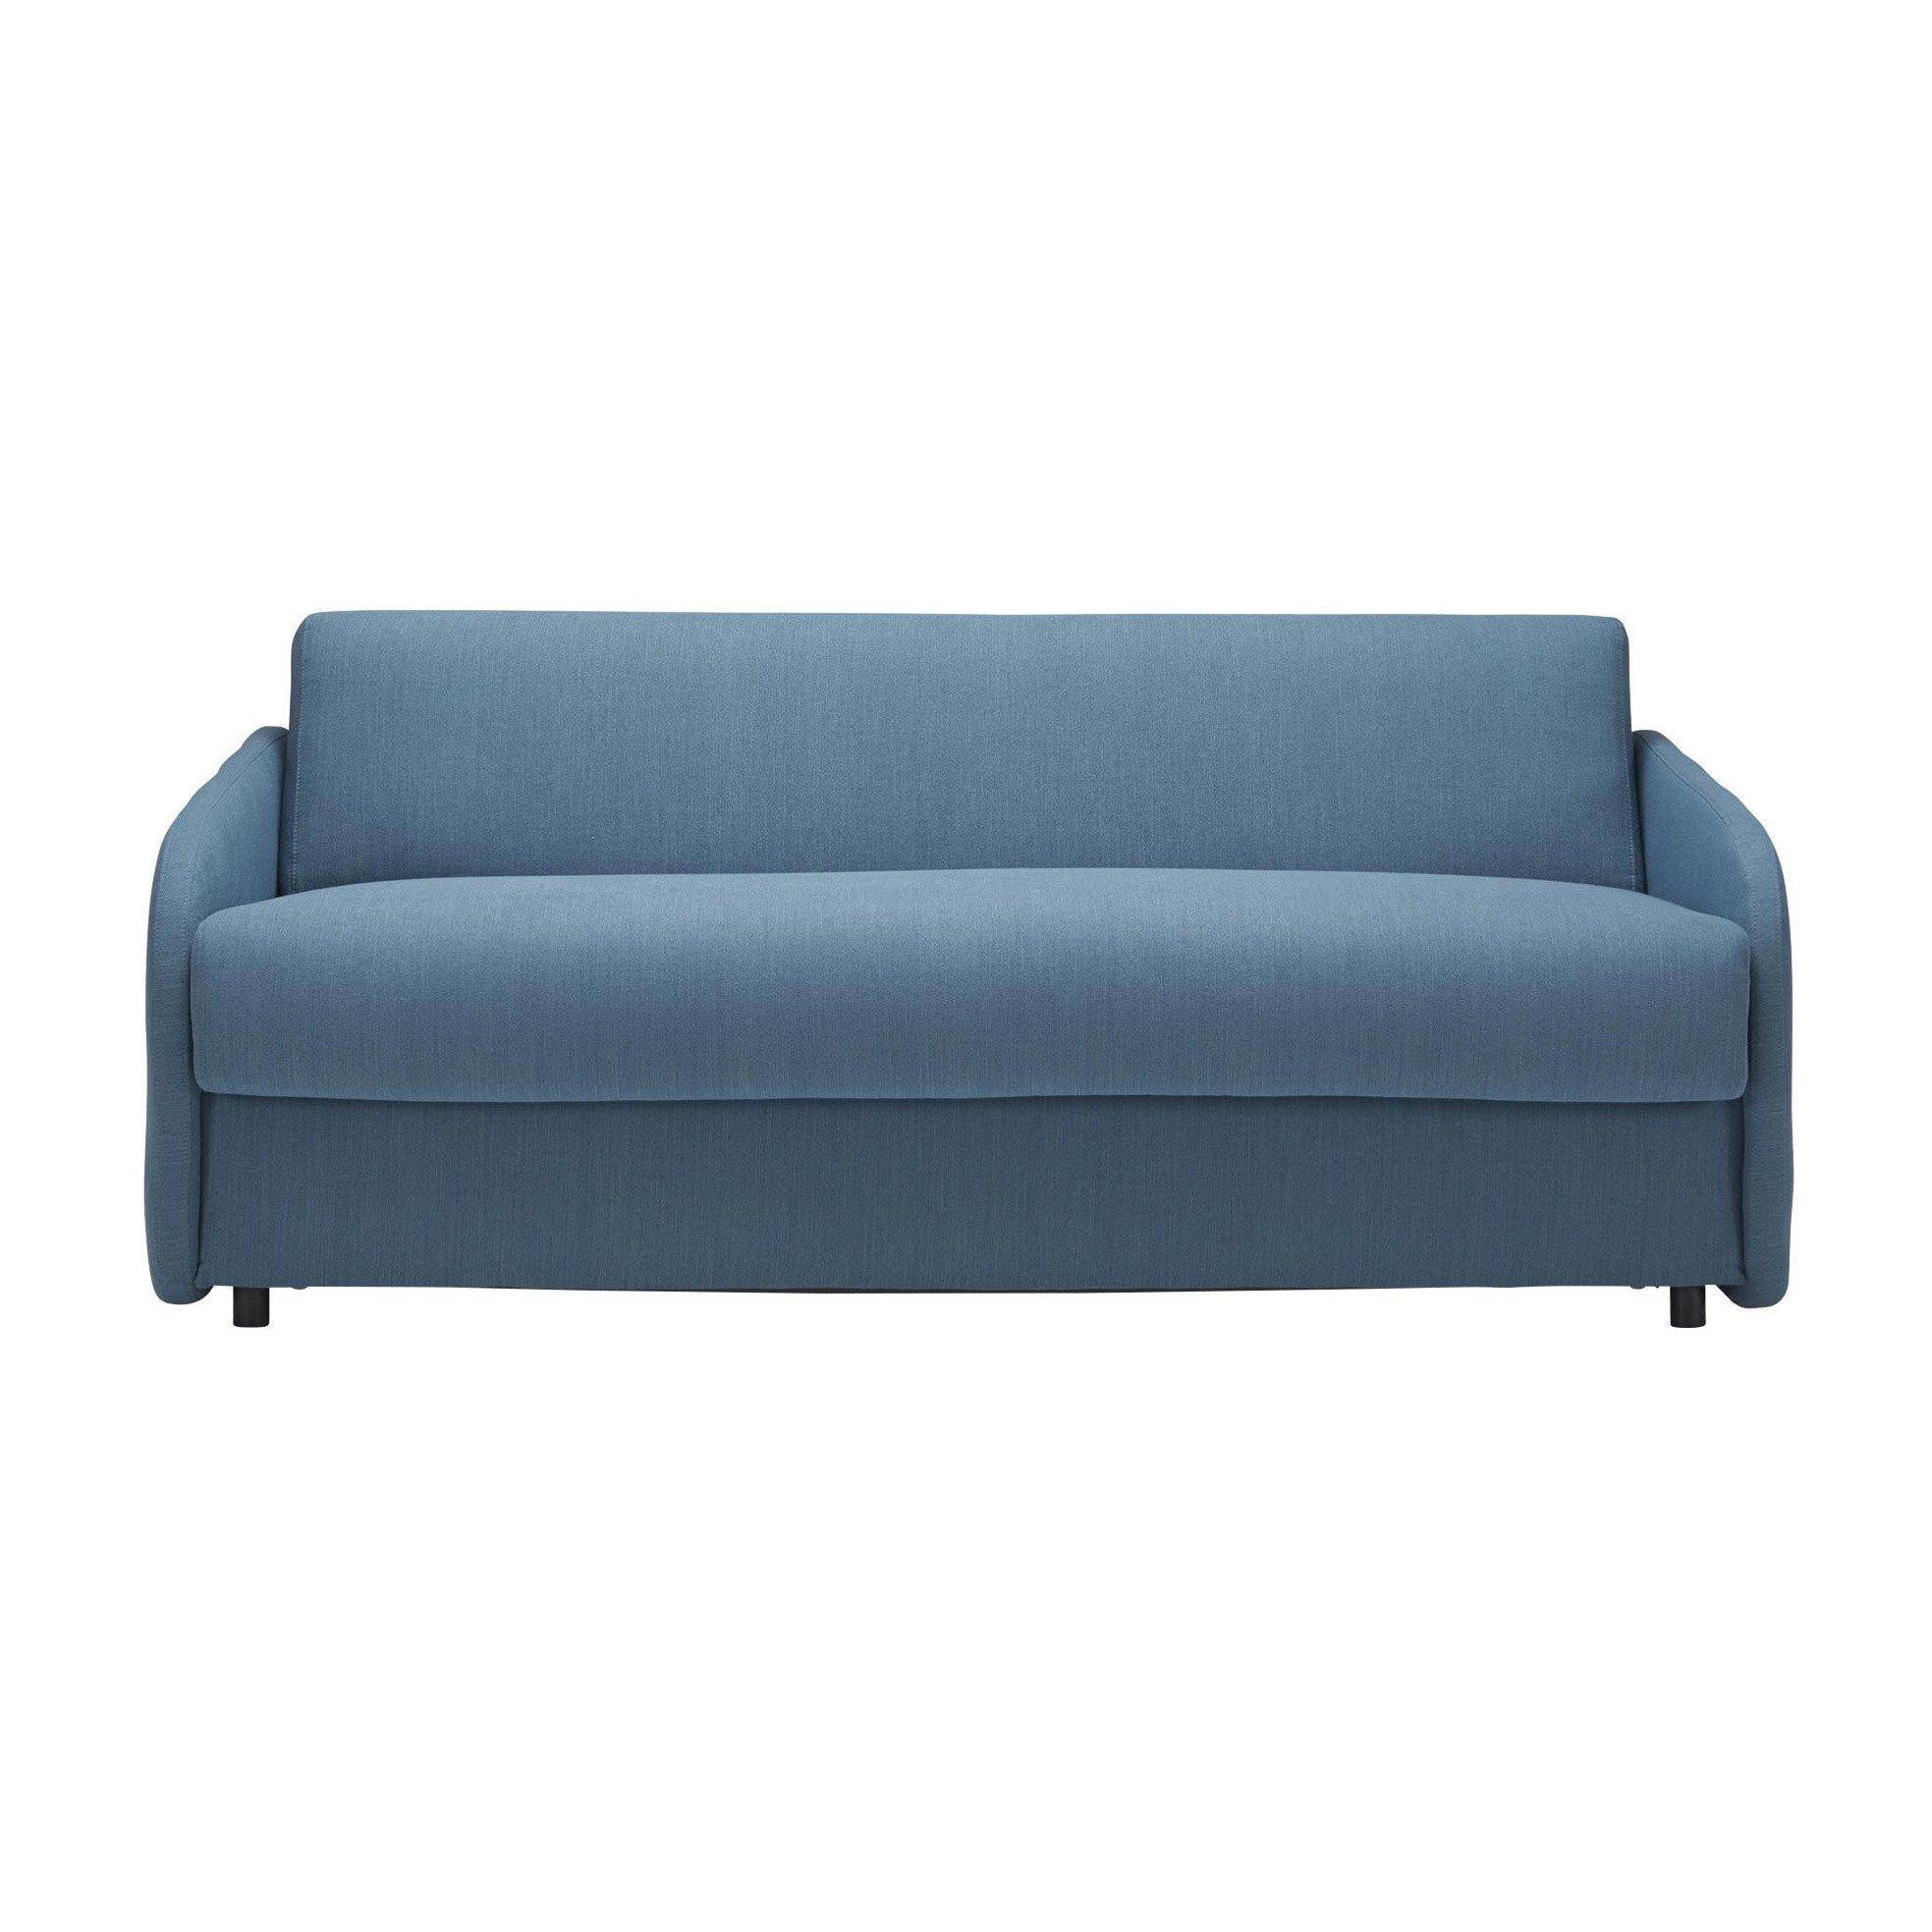 Eivor - Sofá-cama con colchón